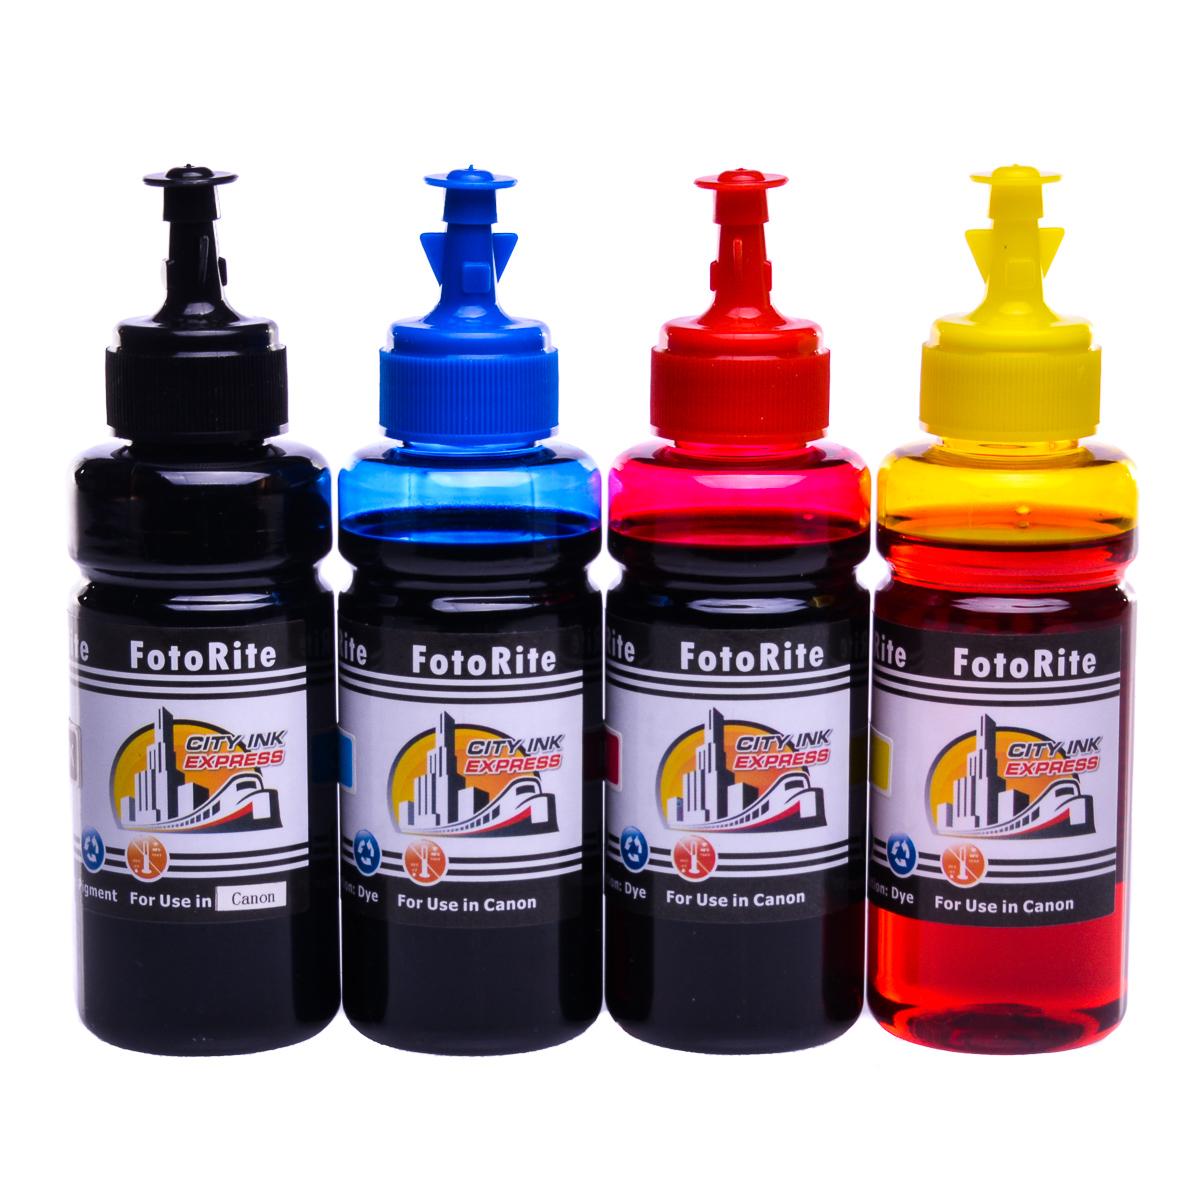 Garage Cheap Multipack Dye Pigment Refill Replaces Canon Pixma Canon Pixma Mp495 Cartridge Canon Pixma Mp495 Wps Pin dpreview Canon Pixma Mp495